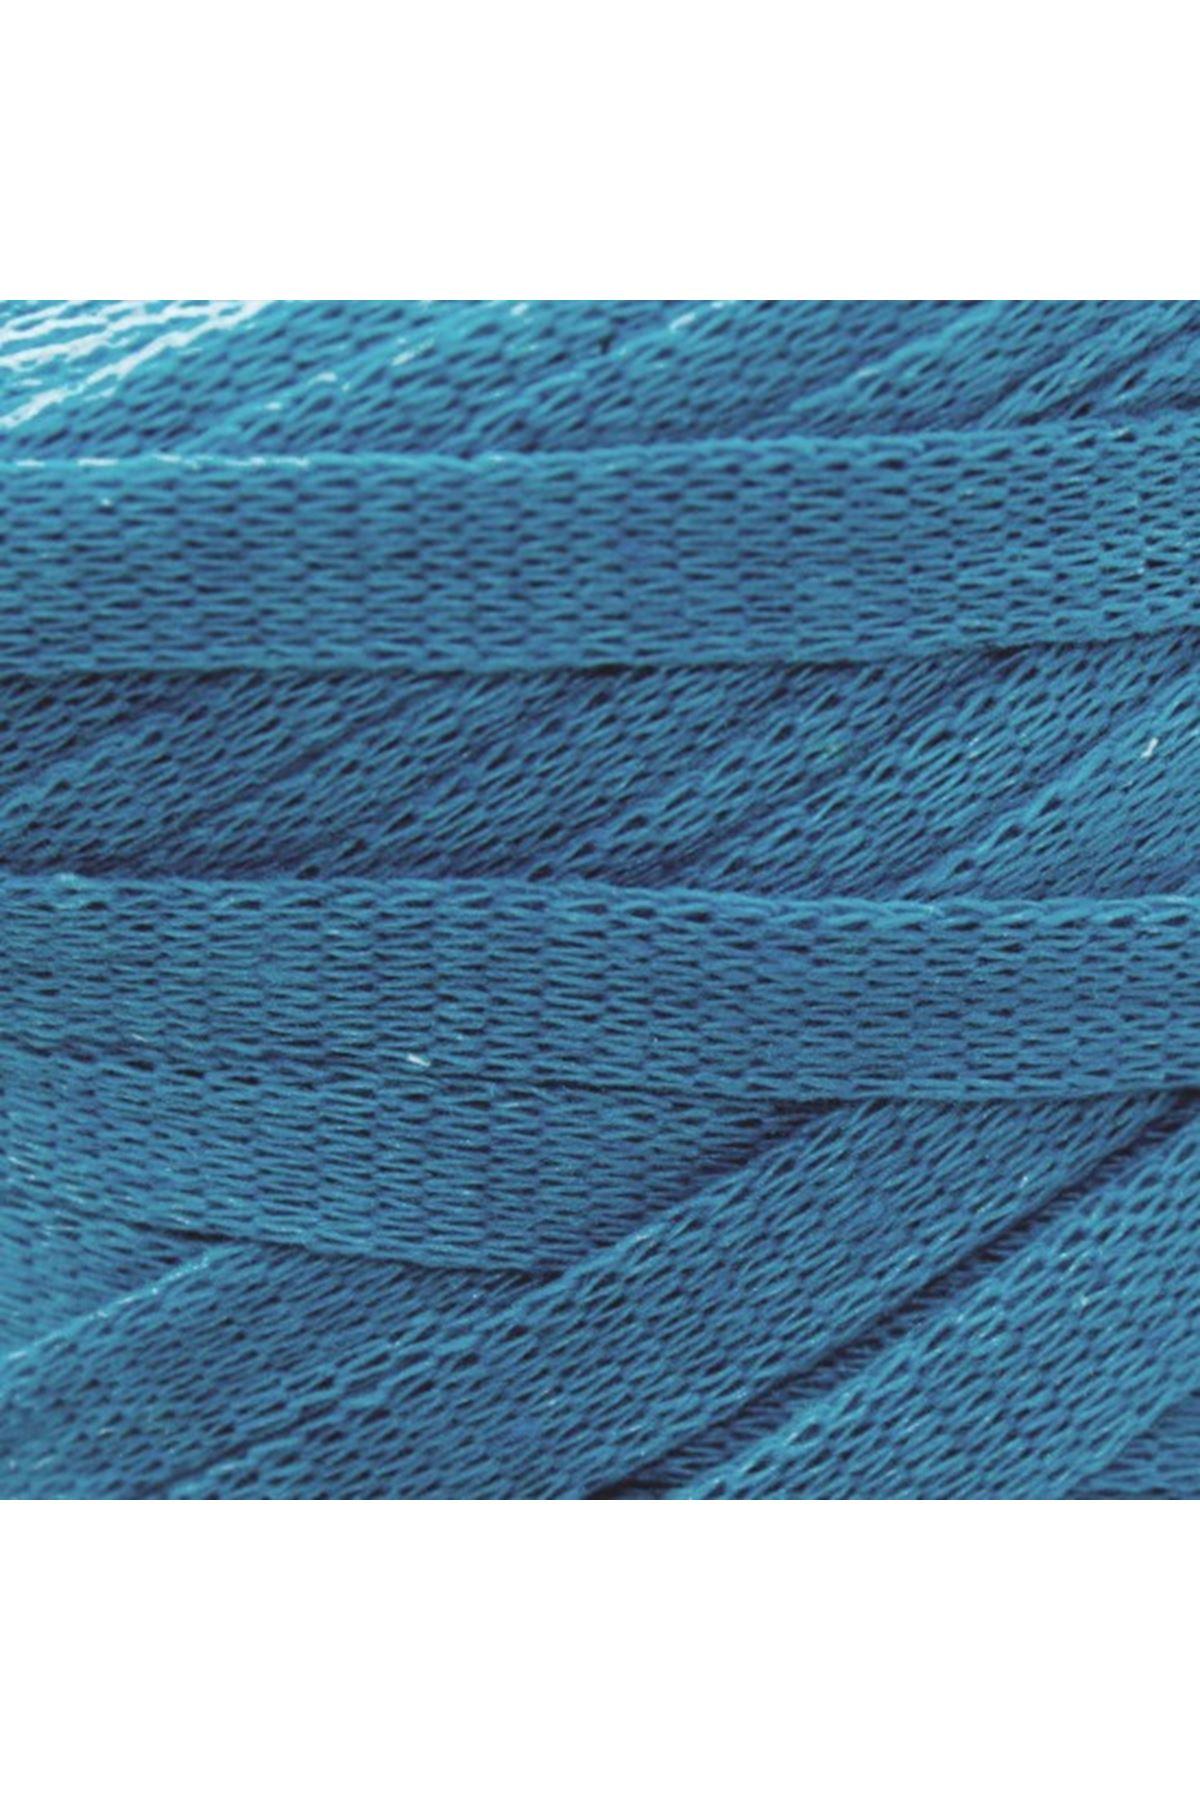 Ribbon - 106- Deniz Mavisi